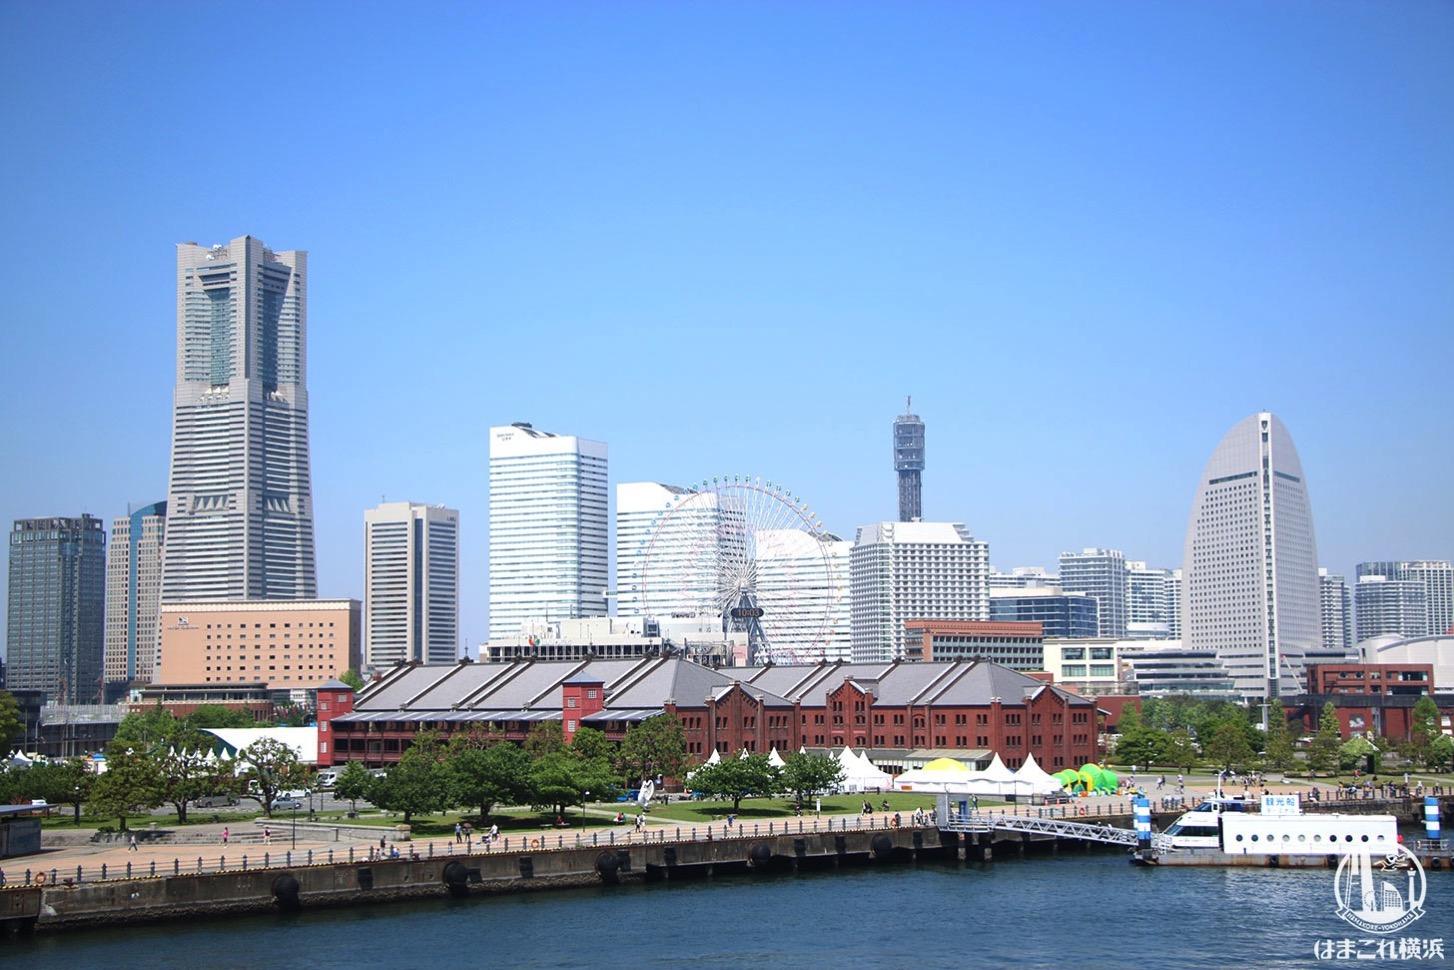 横浜港大さん橋国際客船ターミナル 屋上から見たみなとみらいの景色